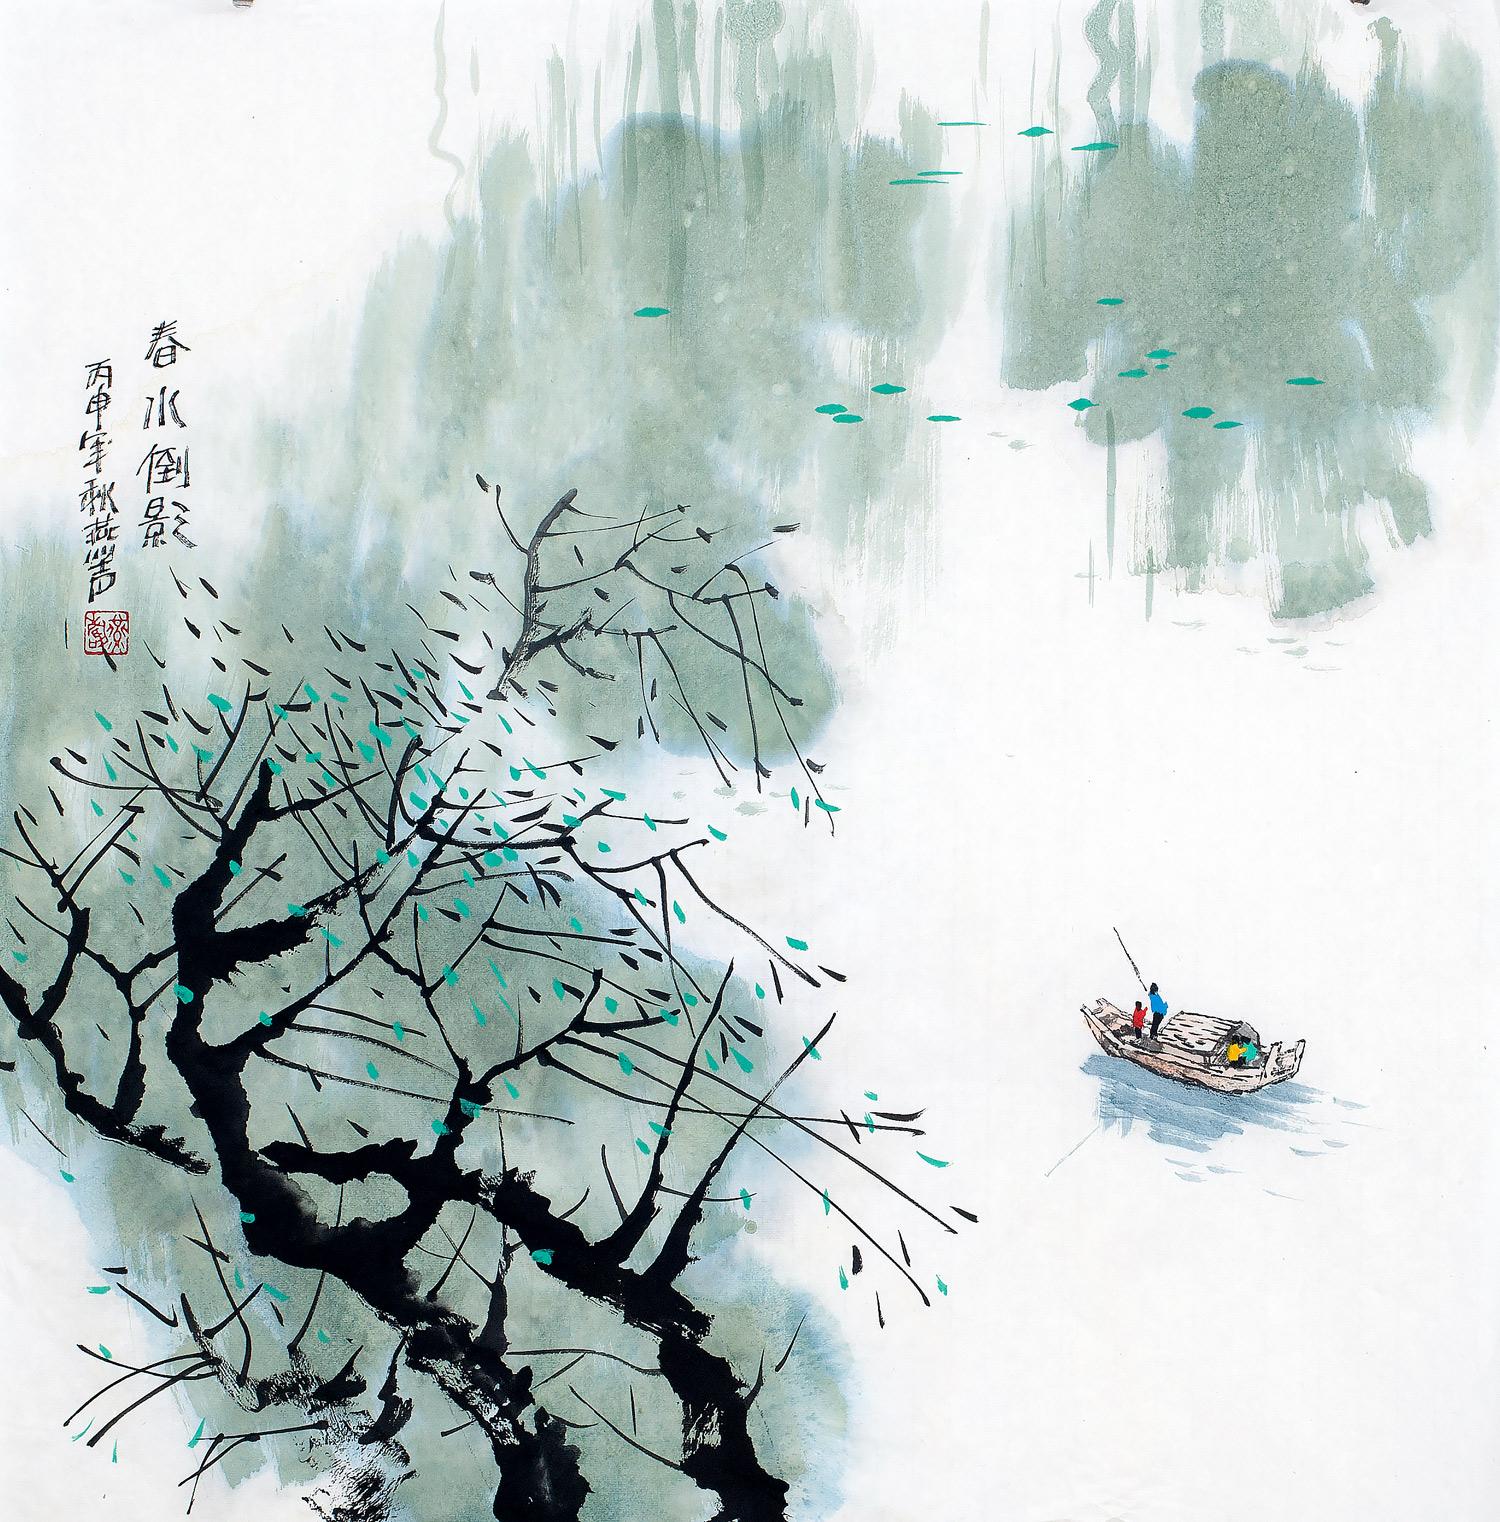 刘燕声水墨写意山水画小品